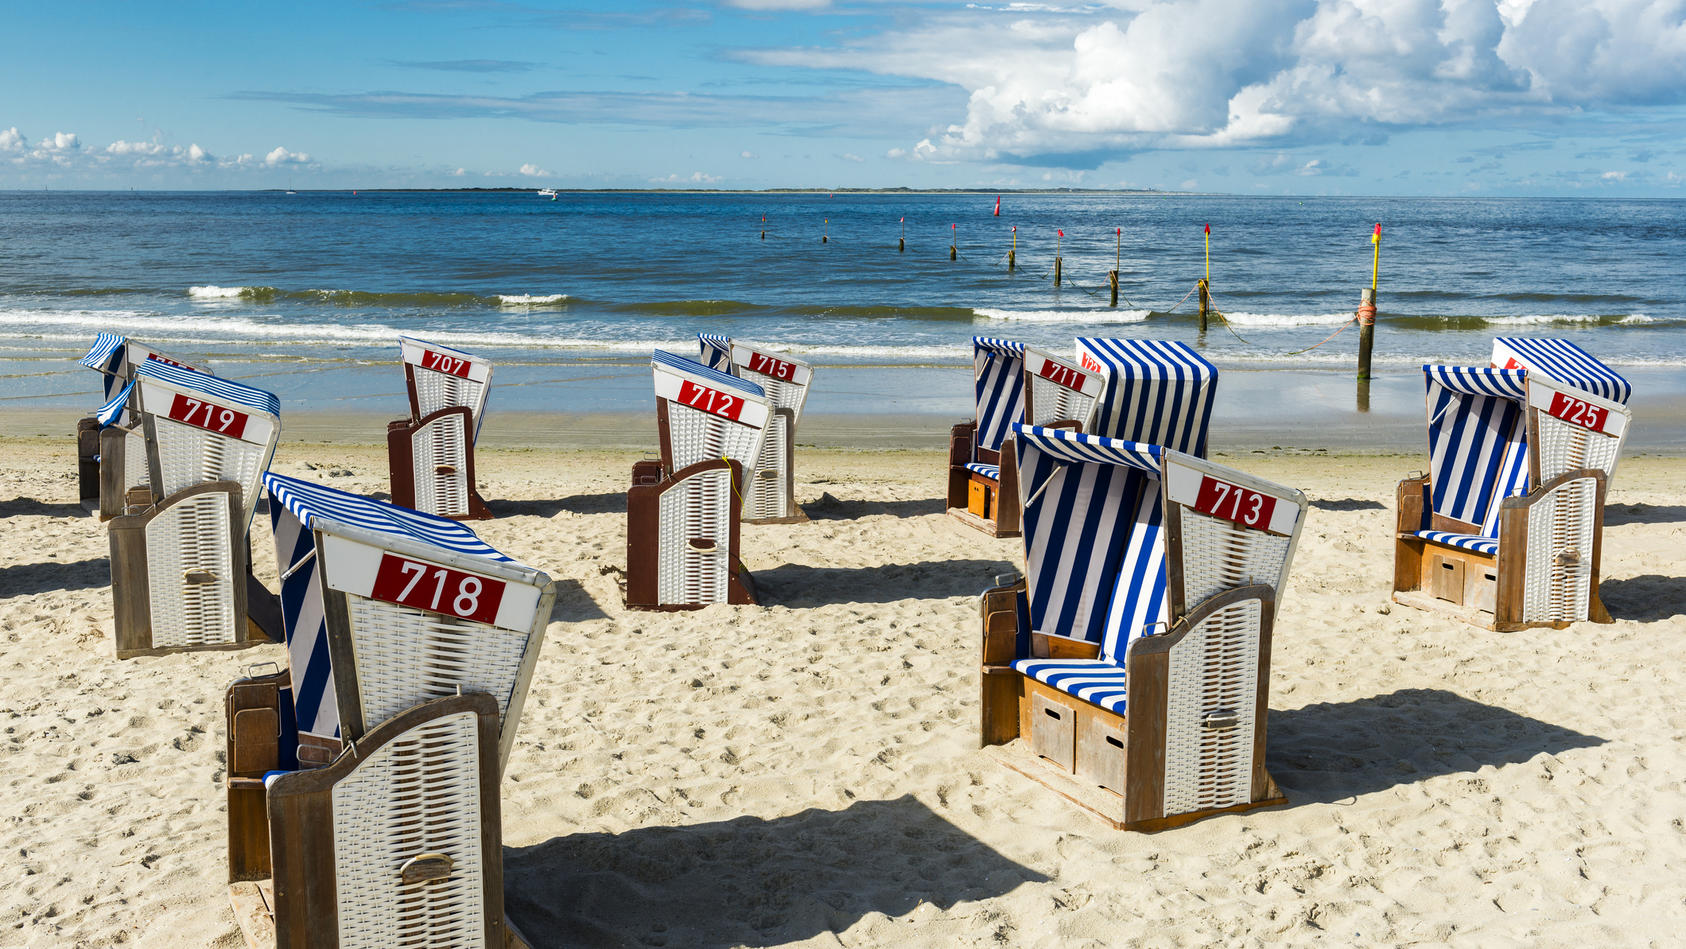 Die Strandkörbe auf Norderney werden bald wieder voll mit Touristen sein.